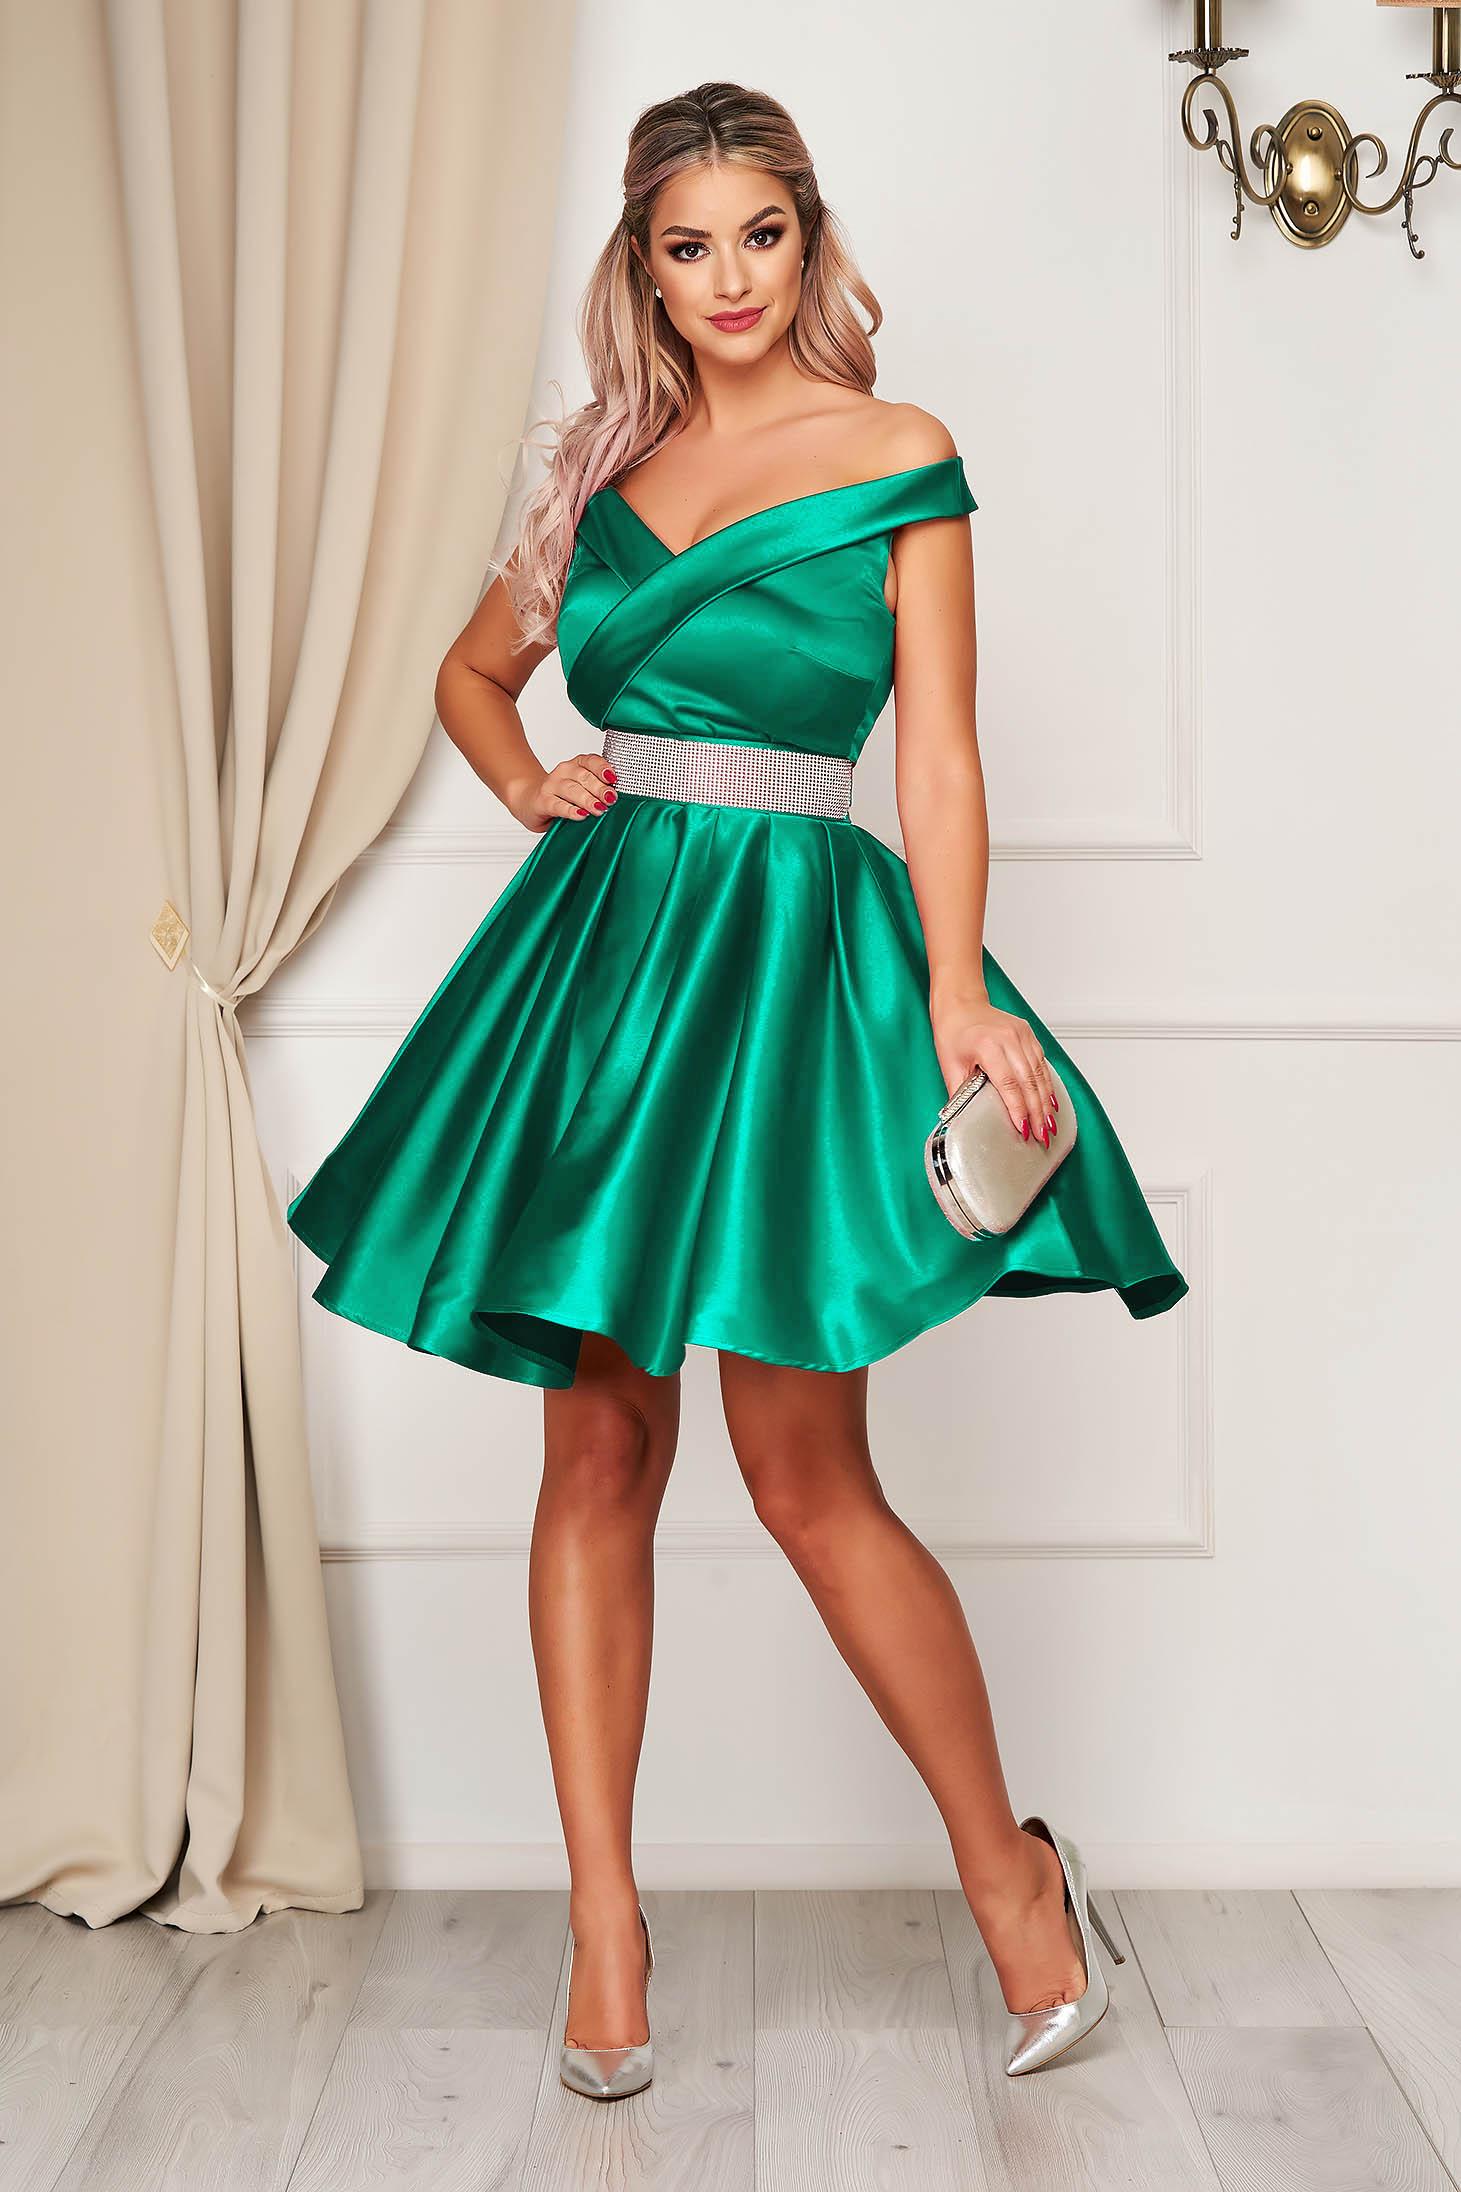 Zöld ruha szaténból harang rövid váll nélküli alkalmi öv kiegészítővel van ellátva